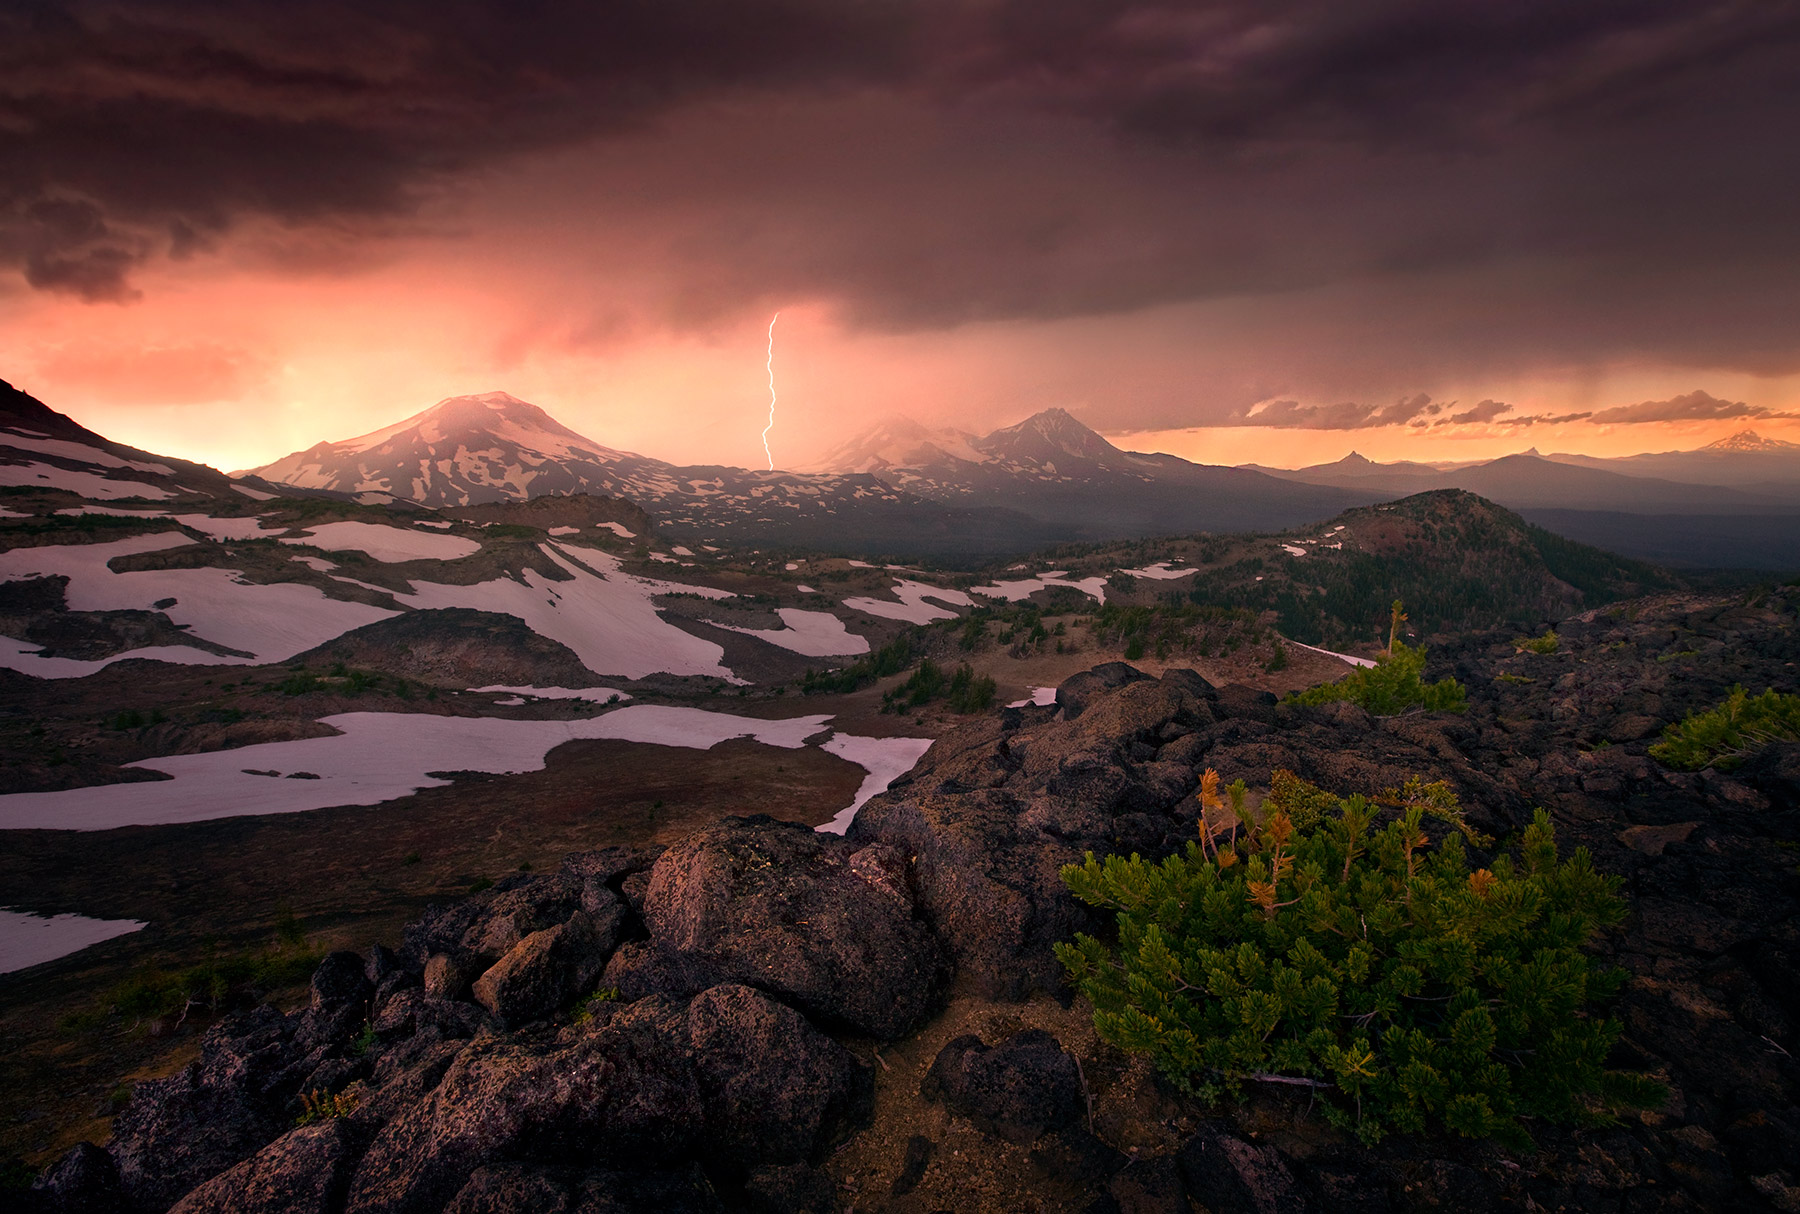 Lightning, Thunderstorm, Three Sisters, Oregon, Sunset, Peaks, photo